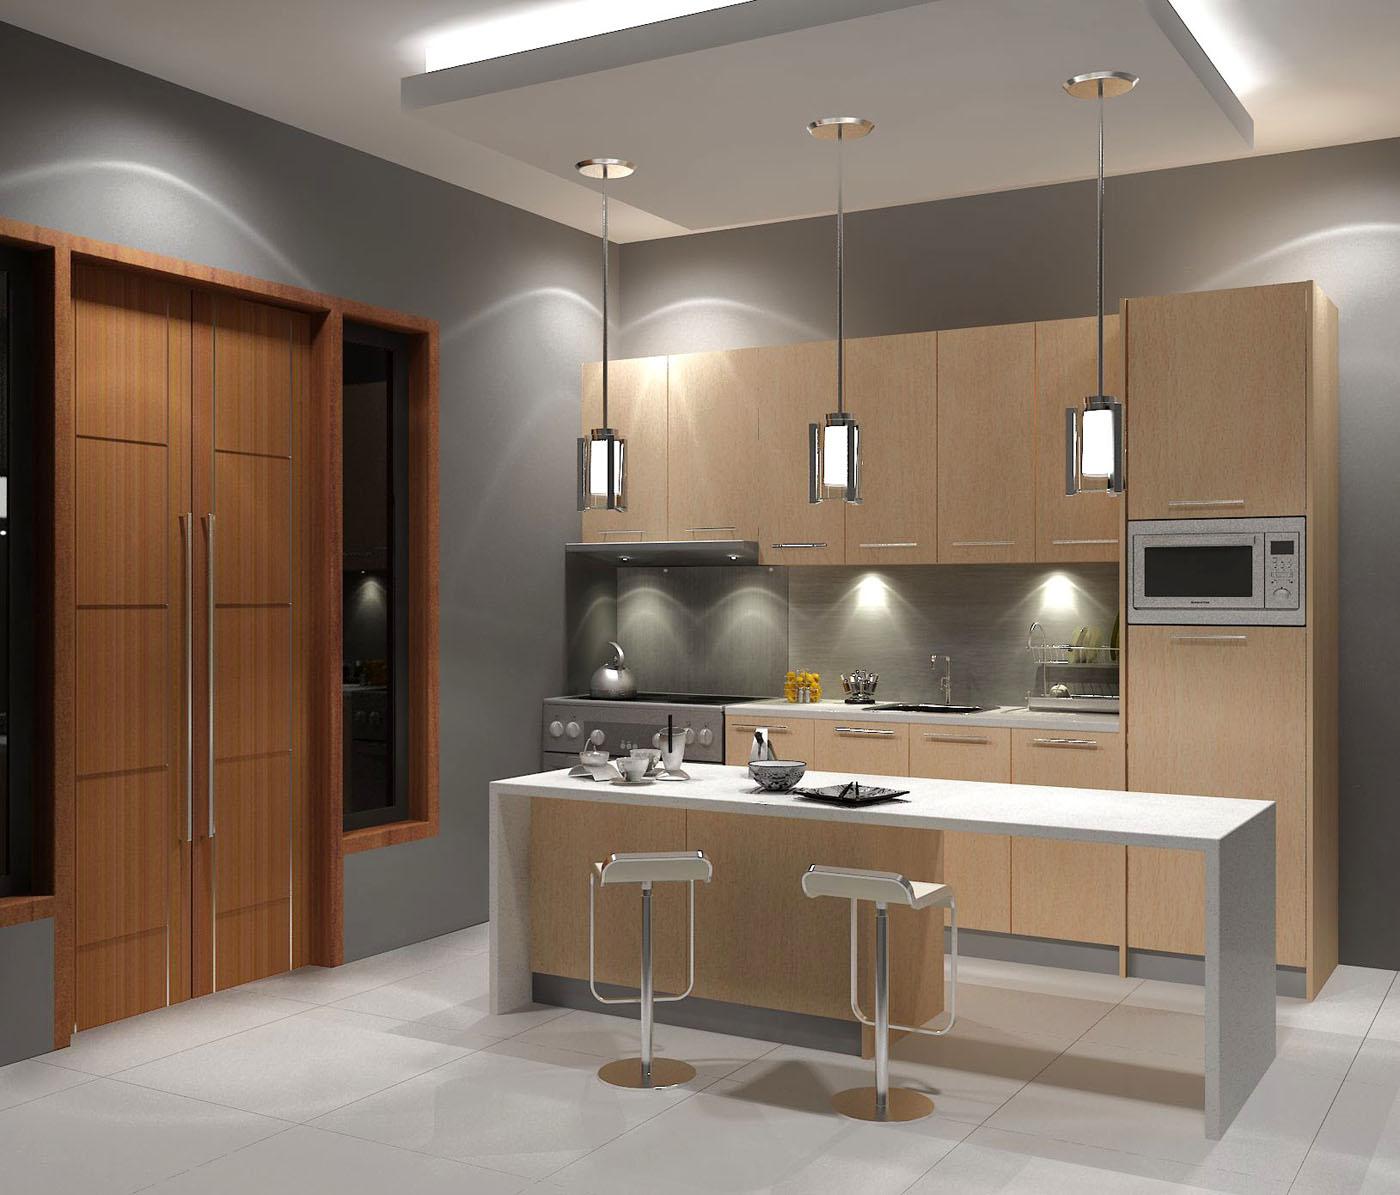 desain dapur gambar 1 kolom desain gambar desain